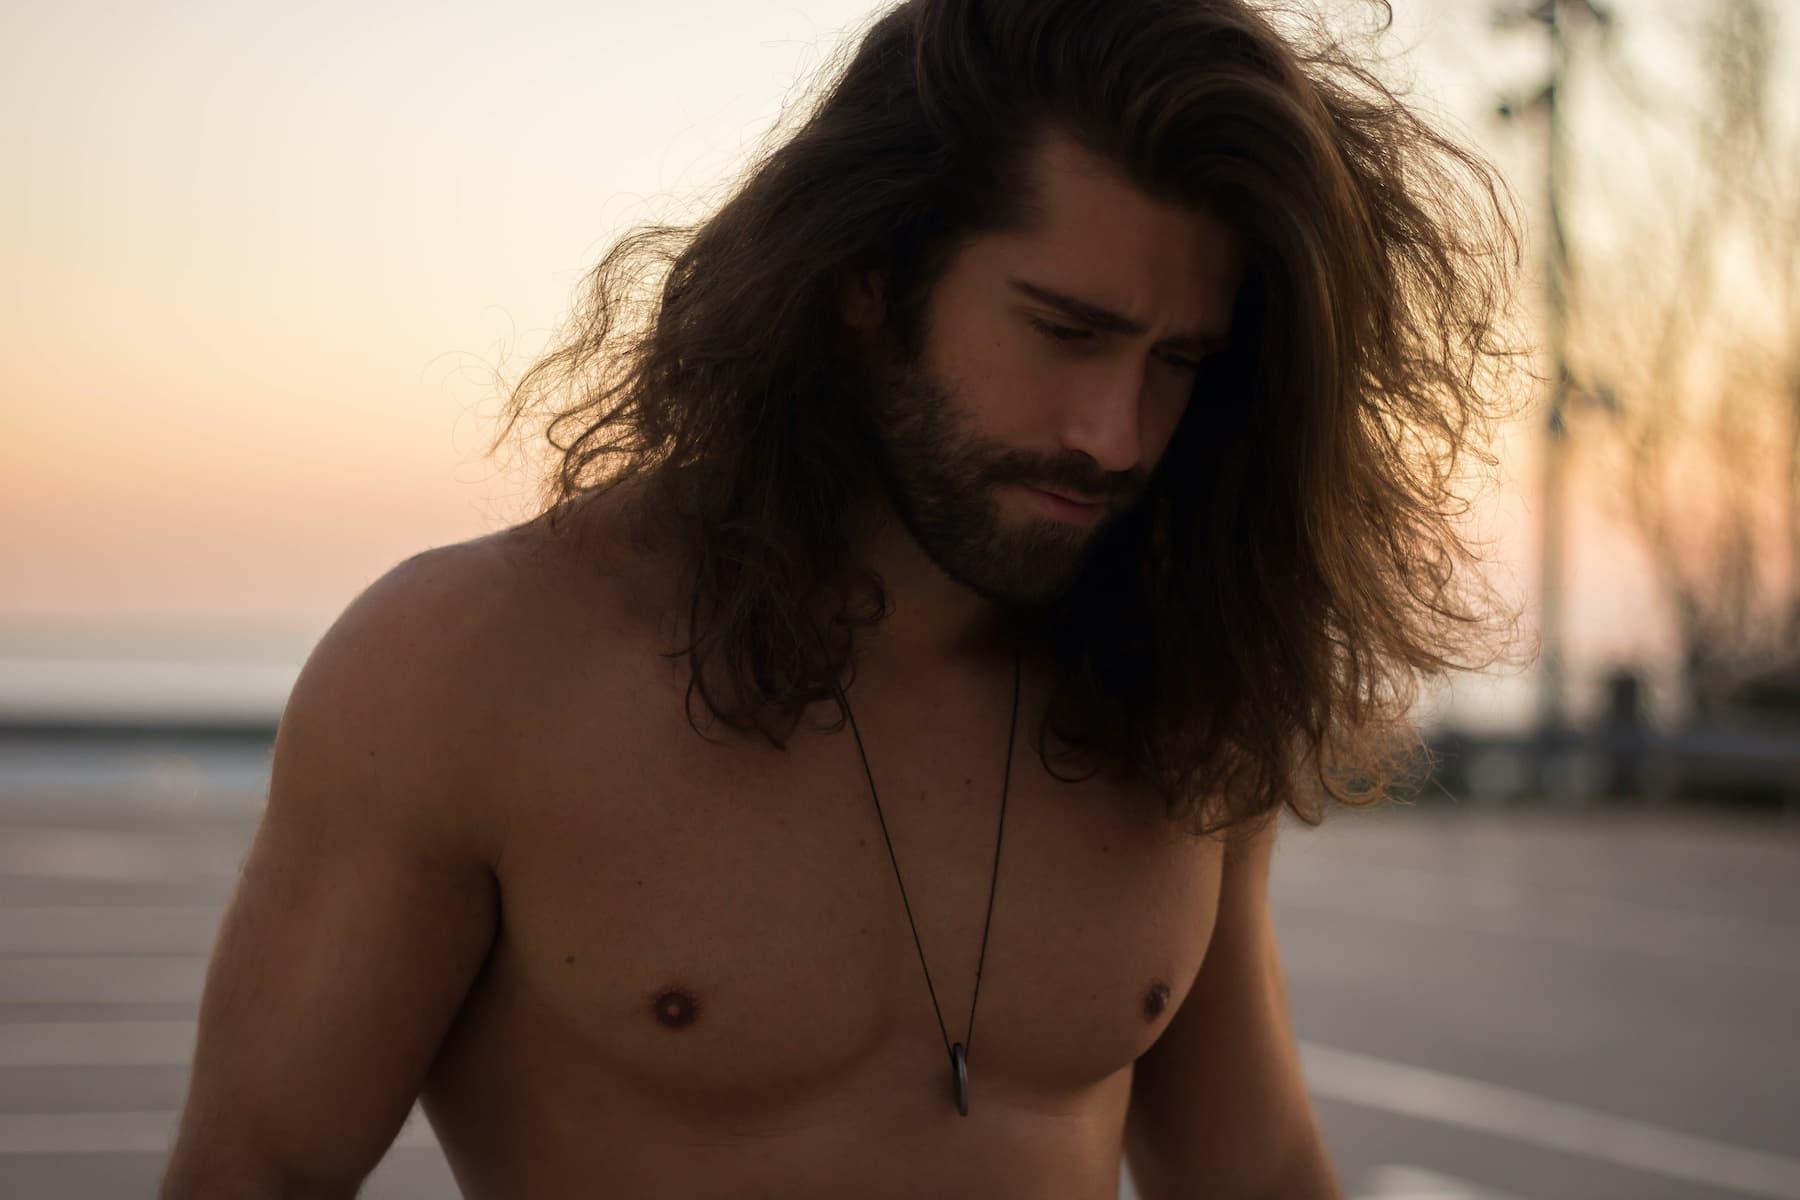 Długie włosy u faceta. Hit czy kit?